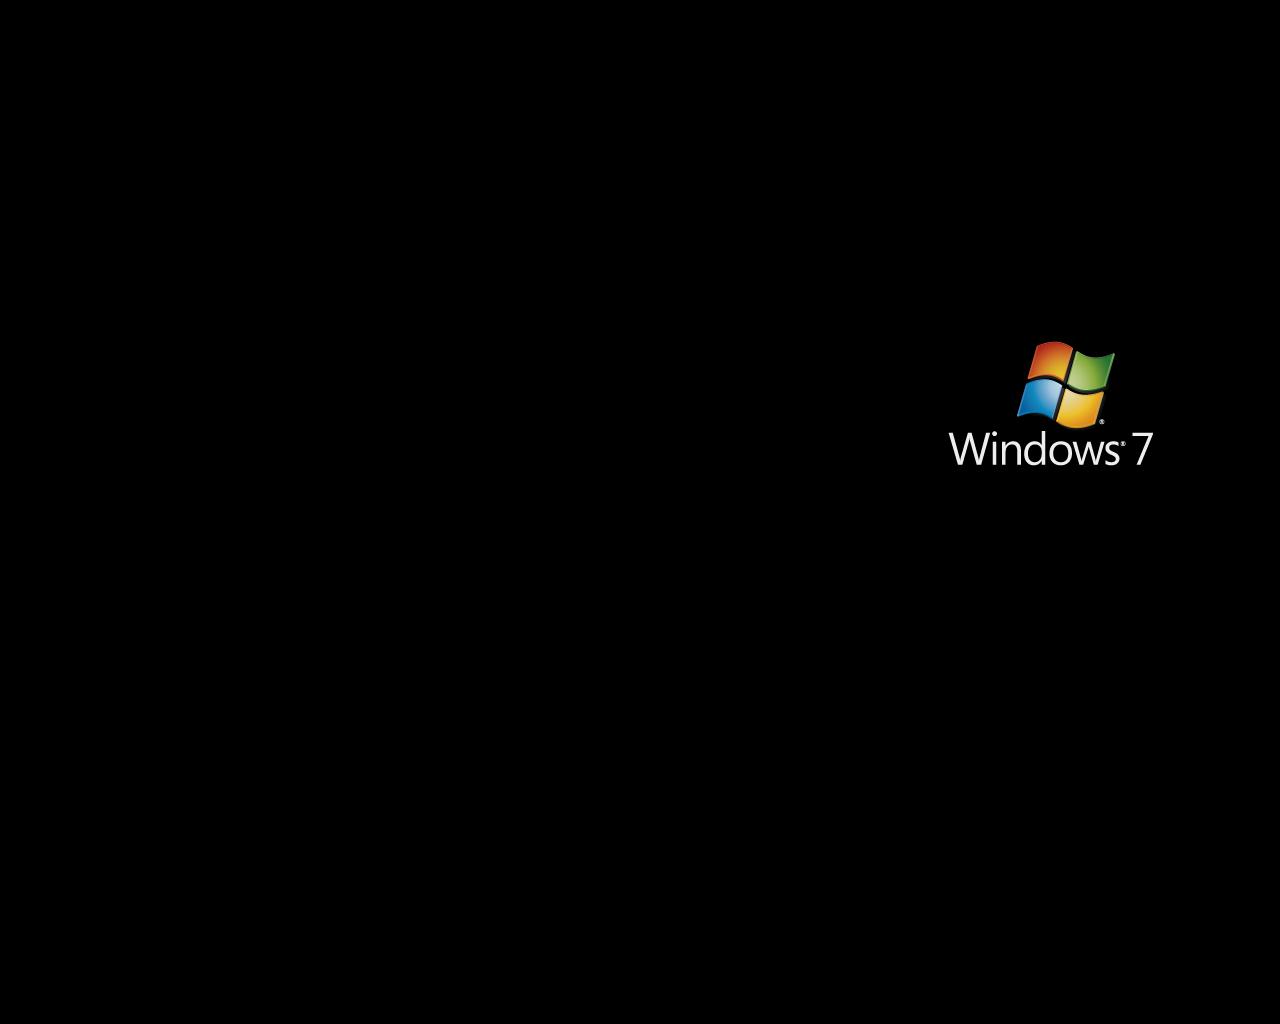 Windows 7 vista screensaver